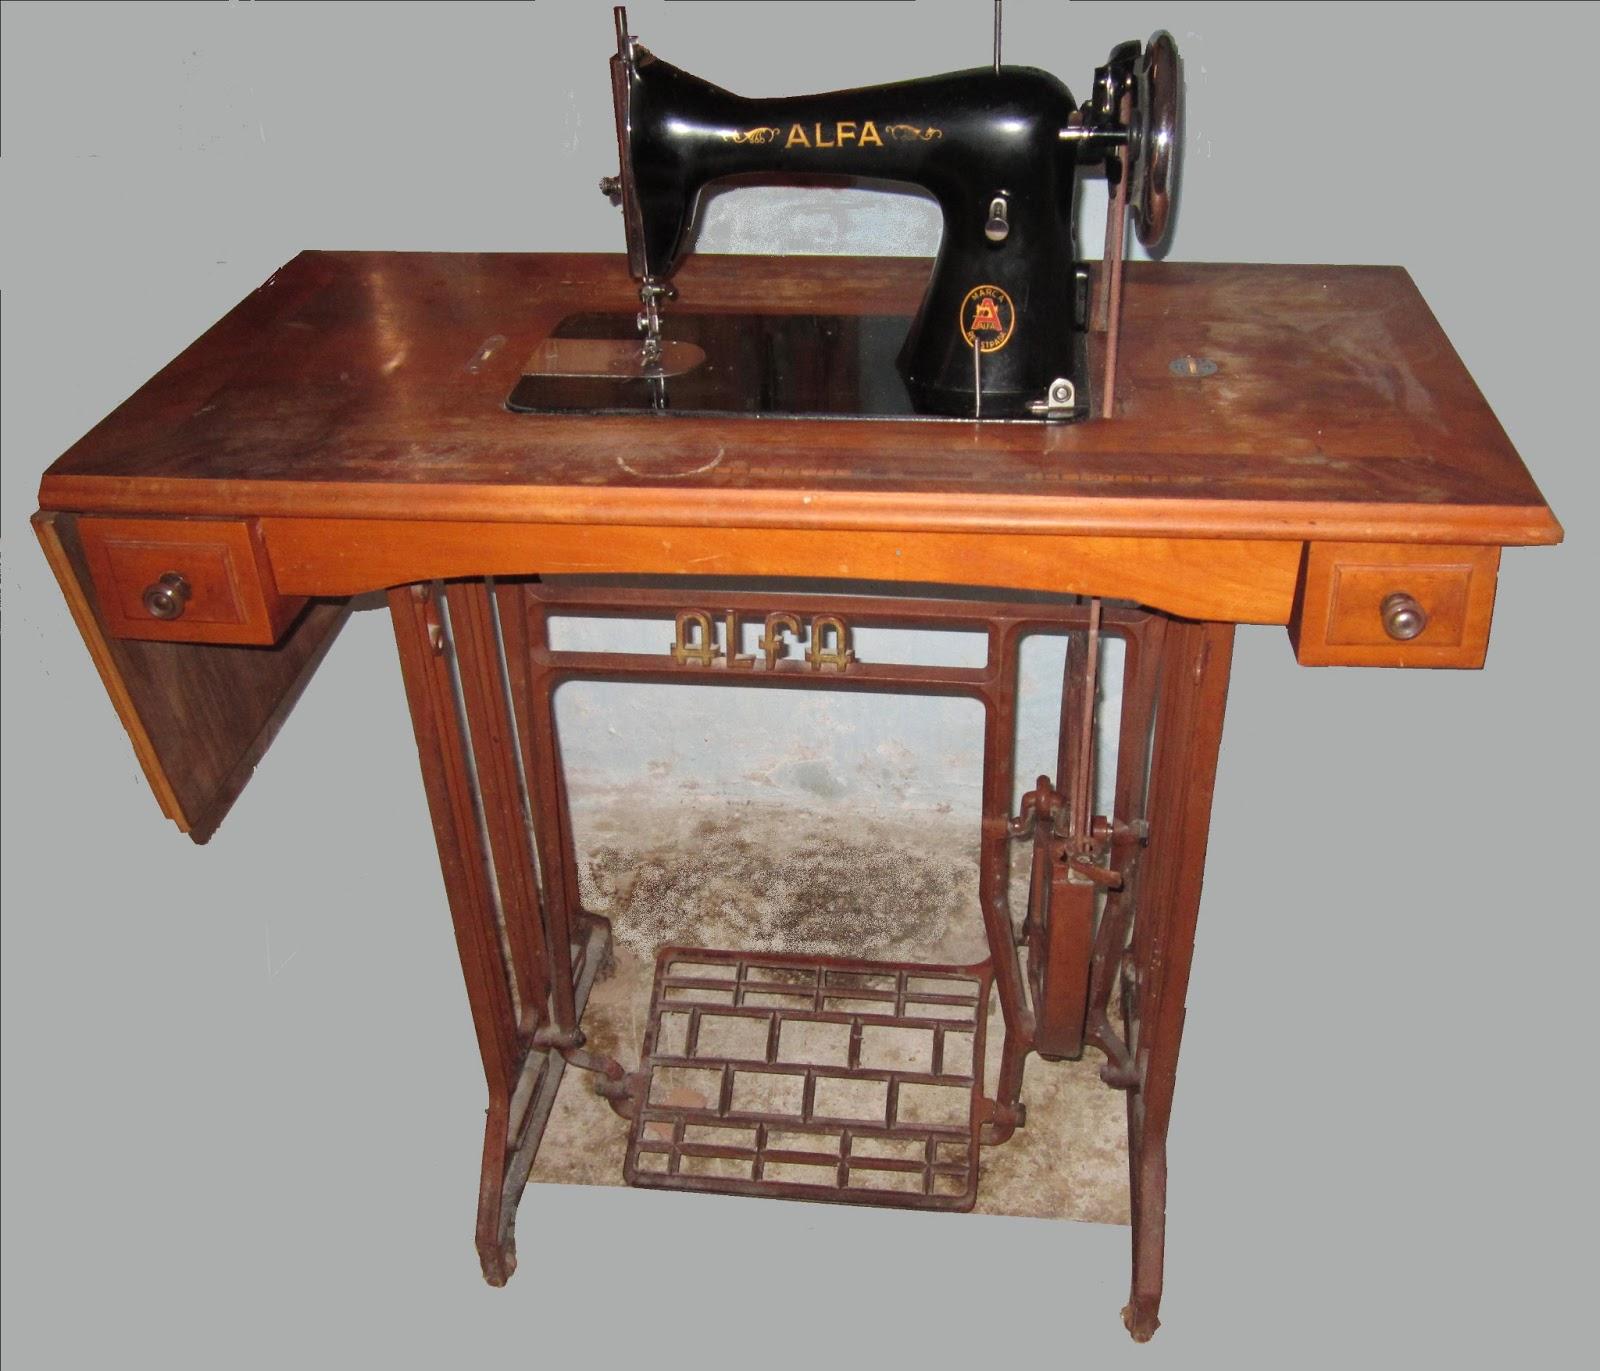 Mis experiencias mis imágenes: Máquina de coser antigua, Alfa.